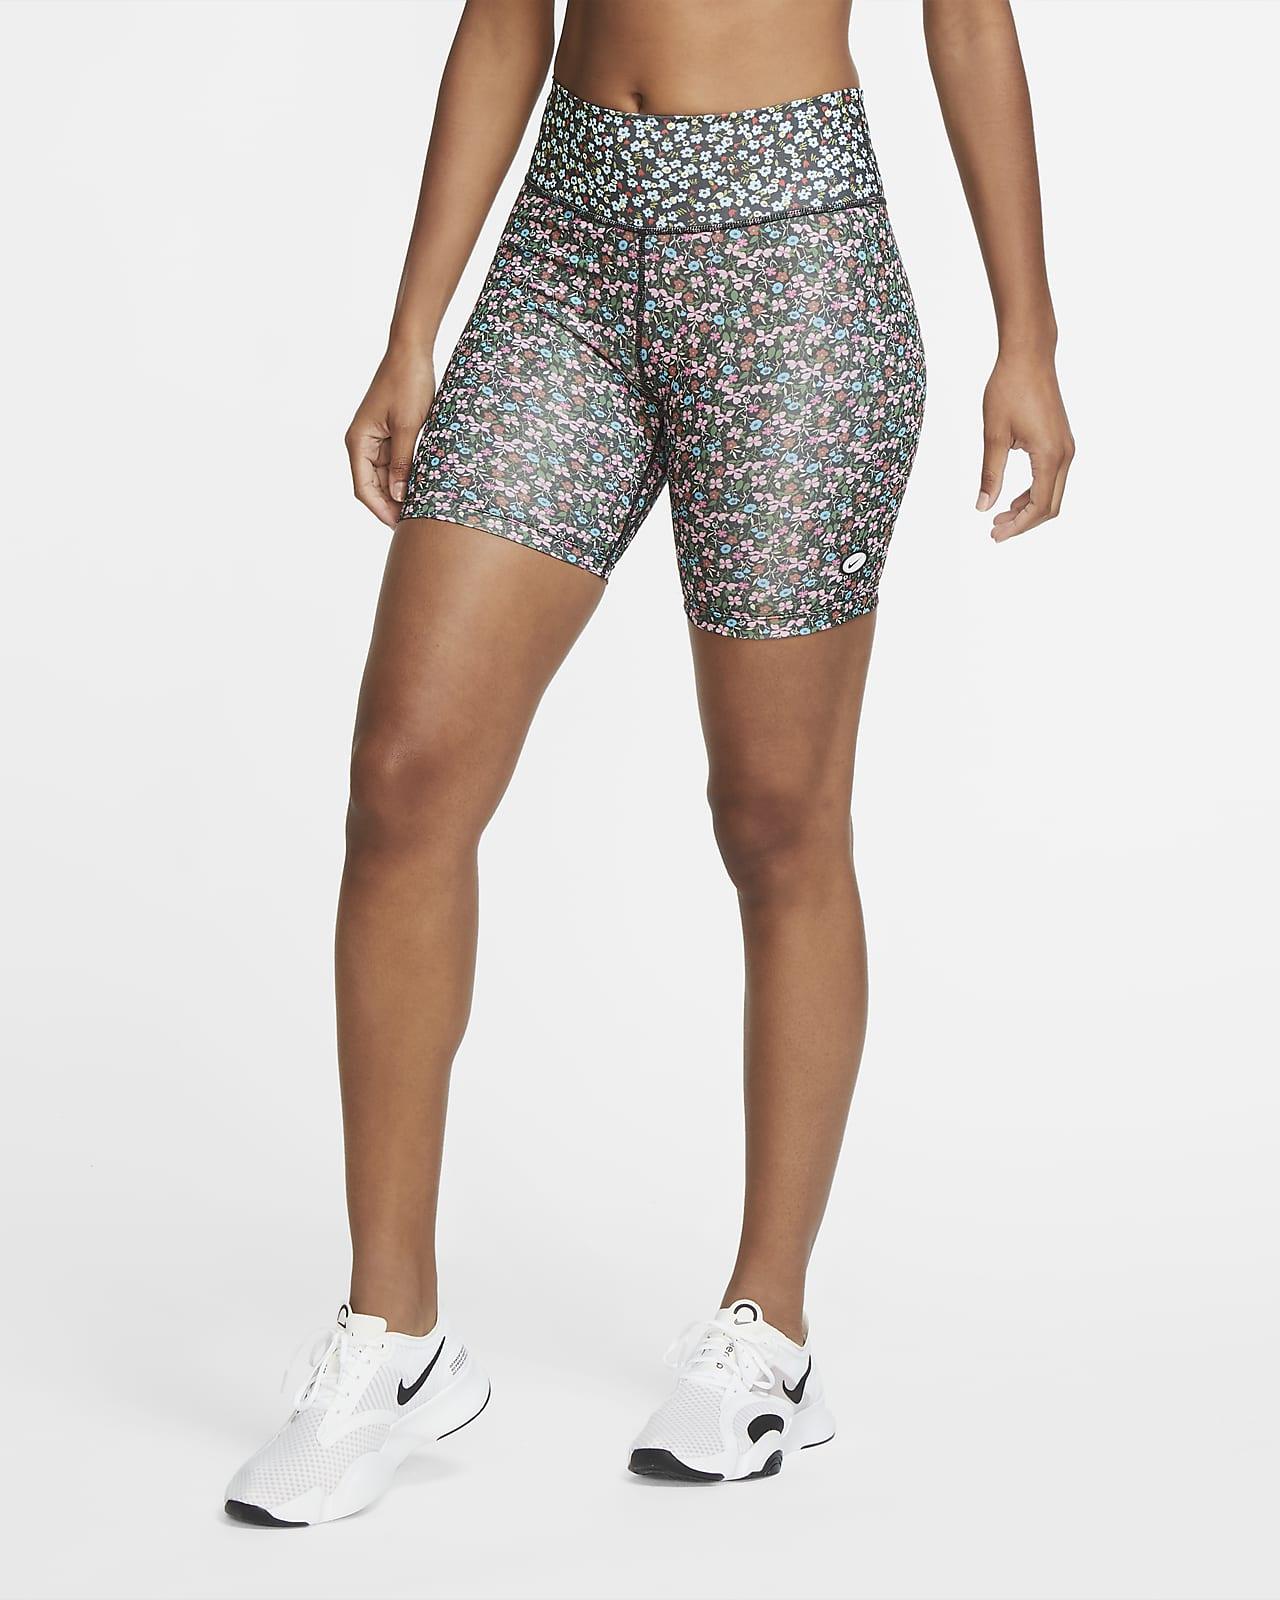 Nike One Bikeshorts mit Print für Damen (ca. 18 cm)